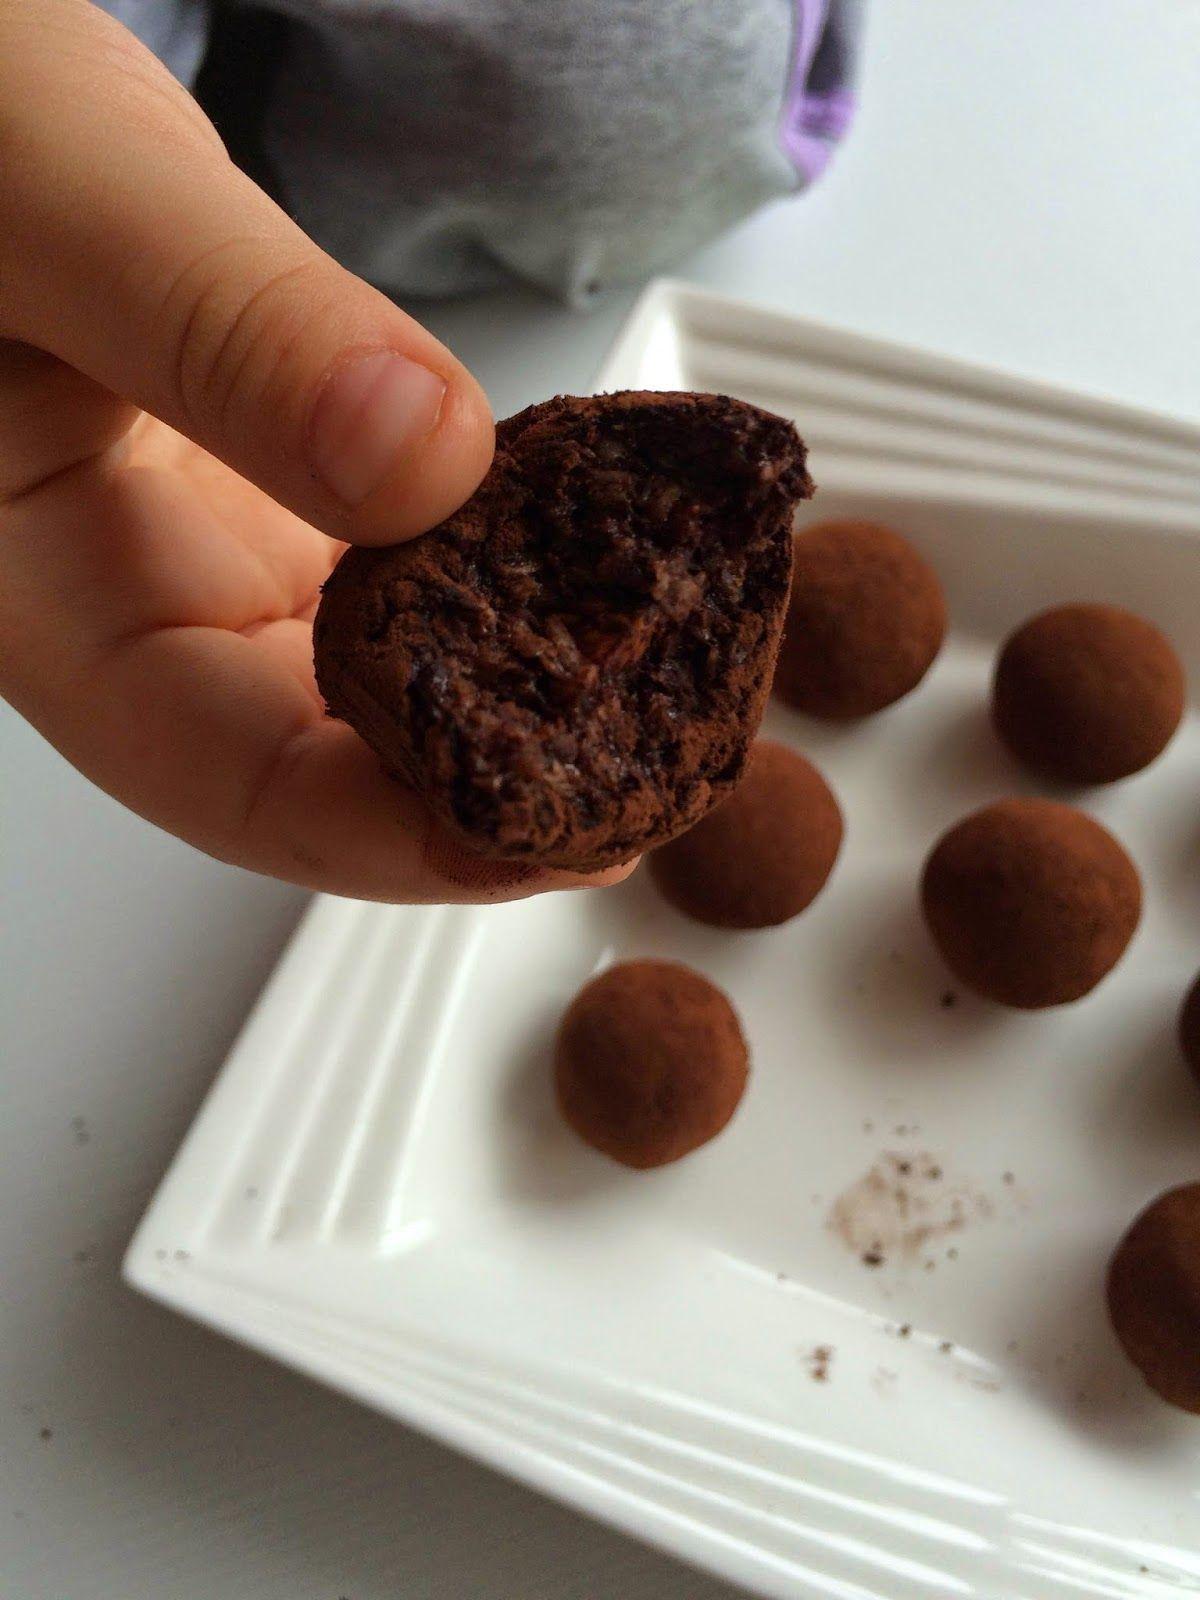 İncirli Cevizli Çikolata Kaplı Bonbonlar